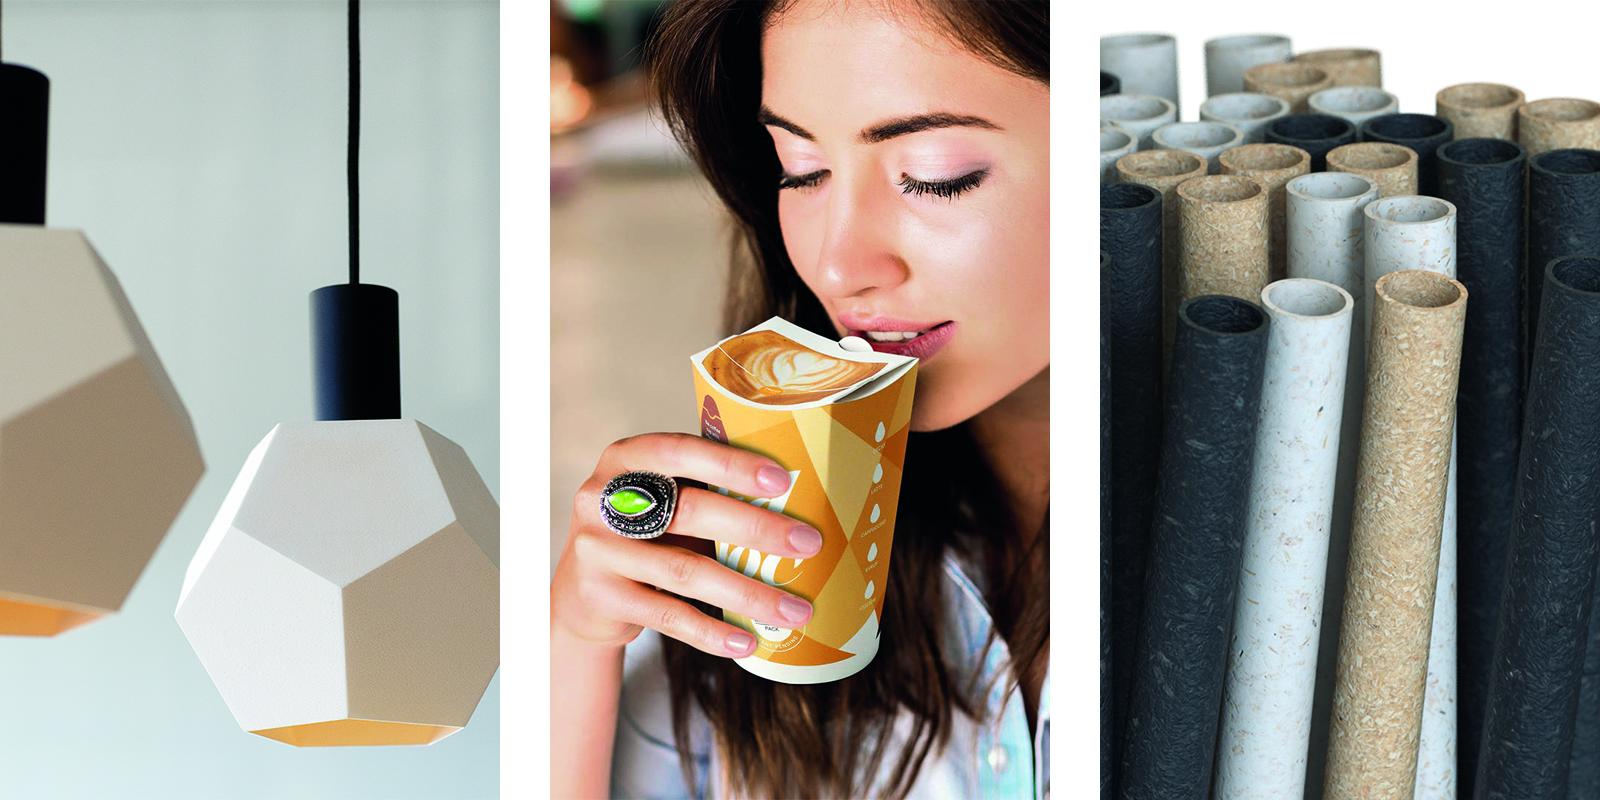 UPM:n 3D-tulostusmateriaali, Metsä Groupin muovitokanneton kahvimuki ja Stora Enson biokomposiittiset juomapillit ovat esimerkkejä metsäteollisuuden viime vuoden kestävistä lanseerauksista. Kuvat: UPM, Metsä Group, Stora Enso